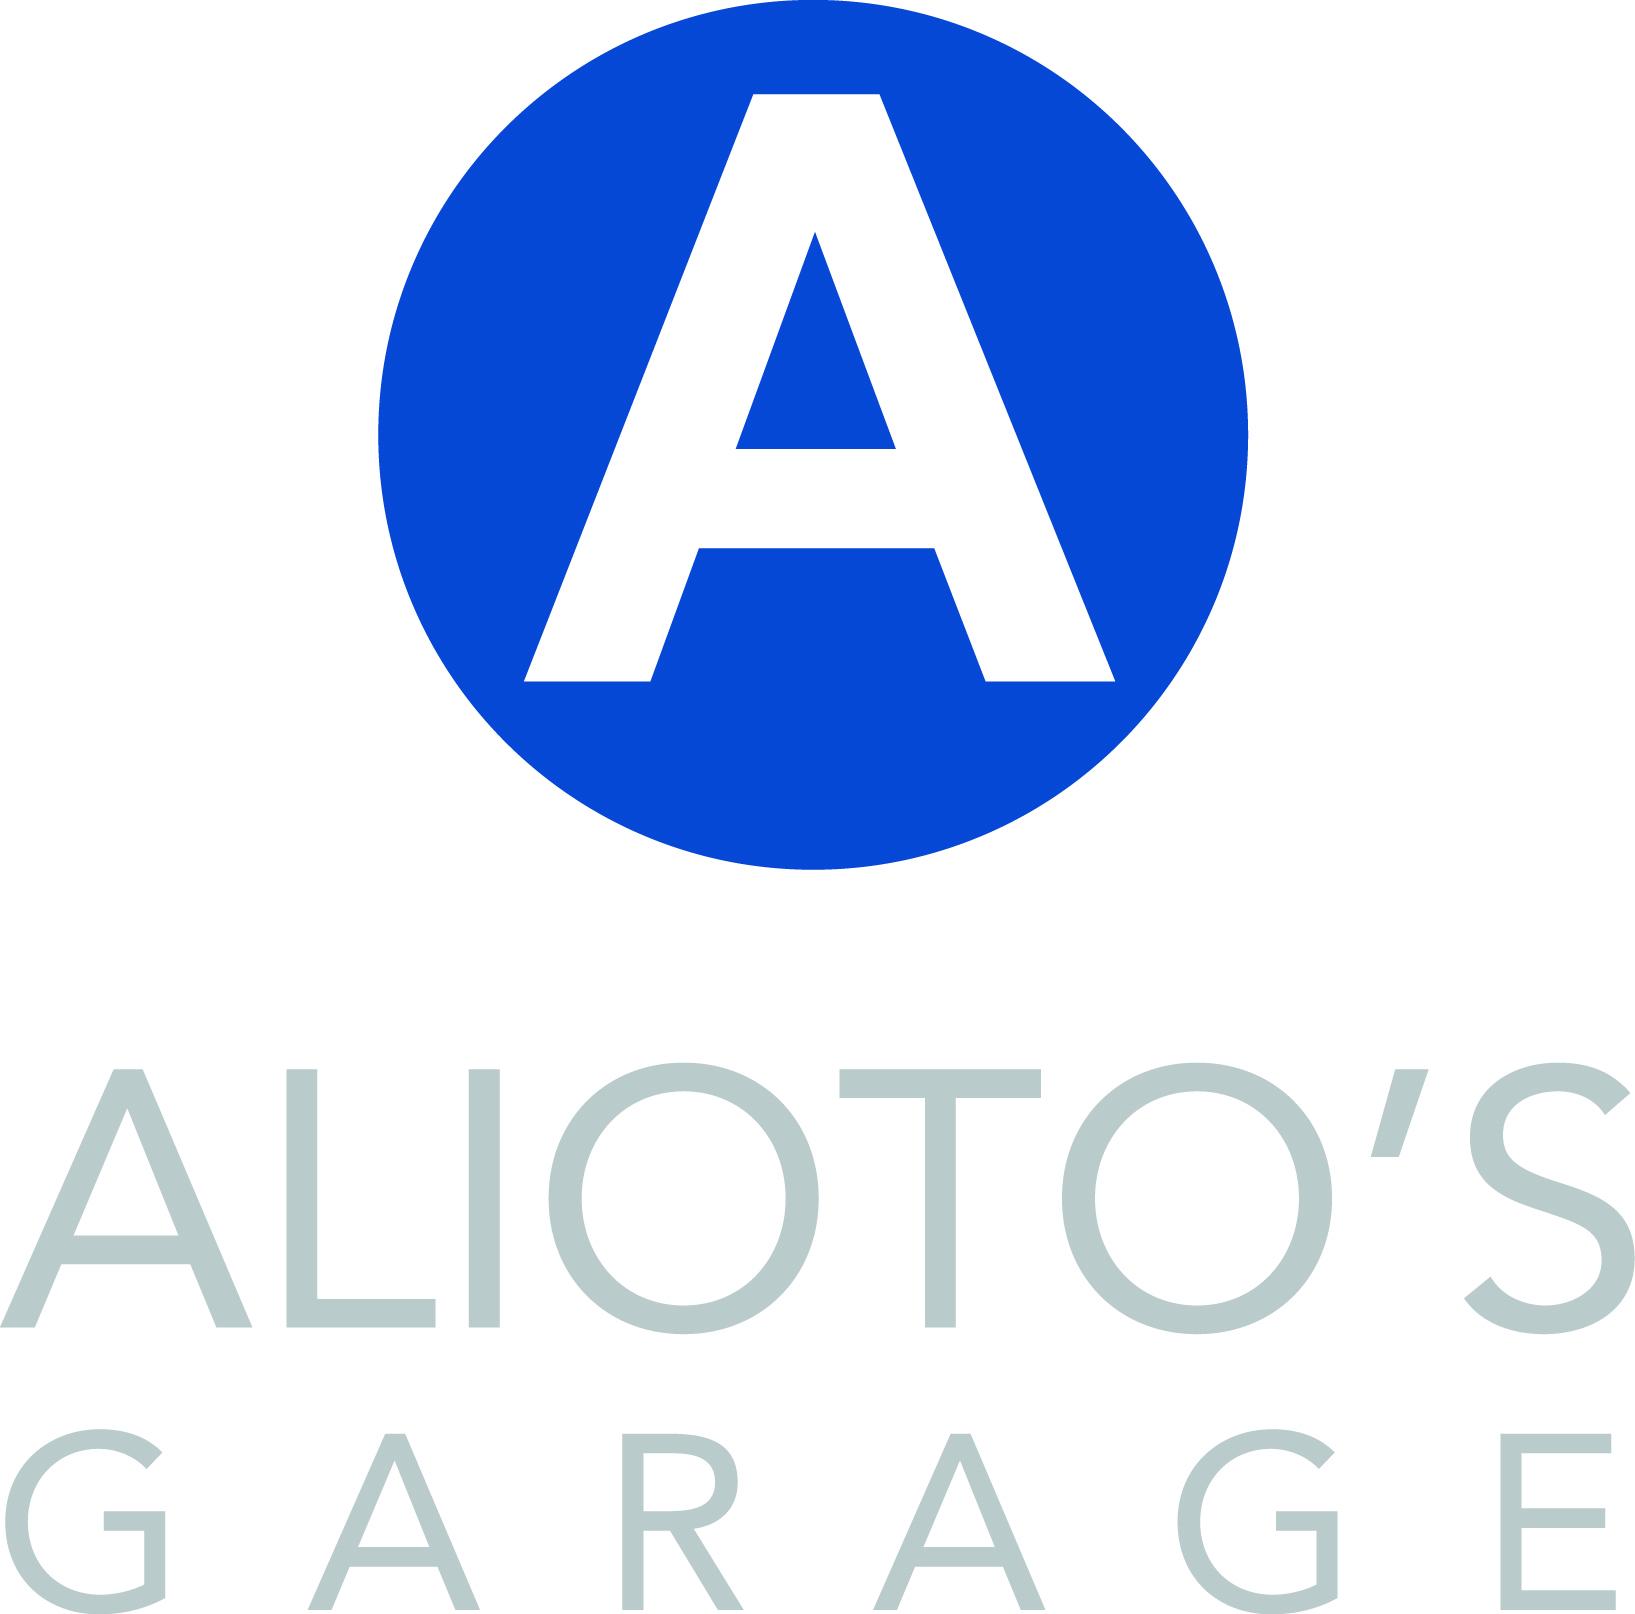 ALIOTOS LOGO.jpg